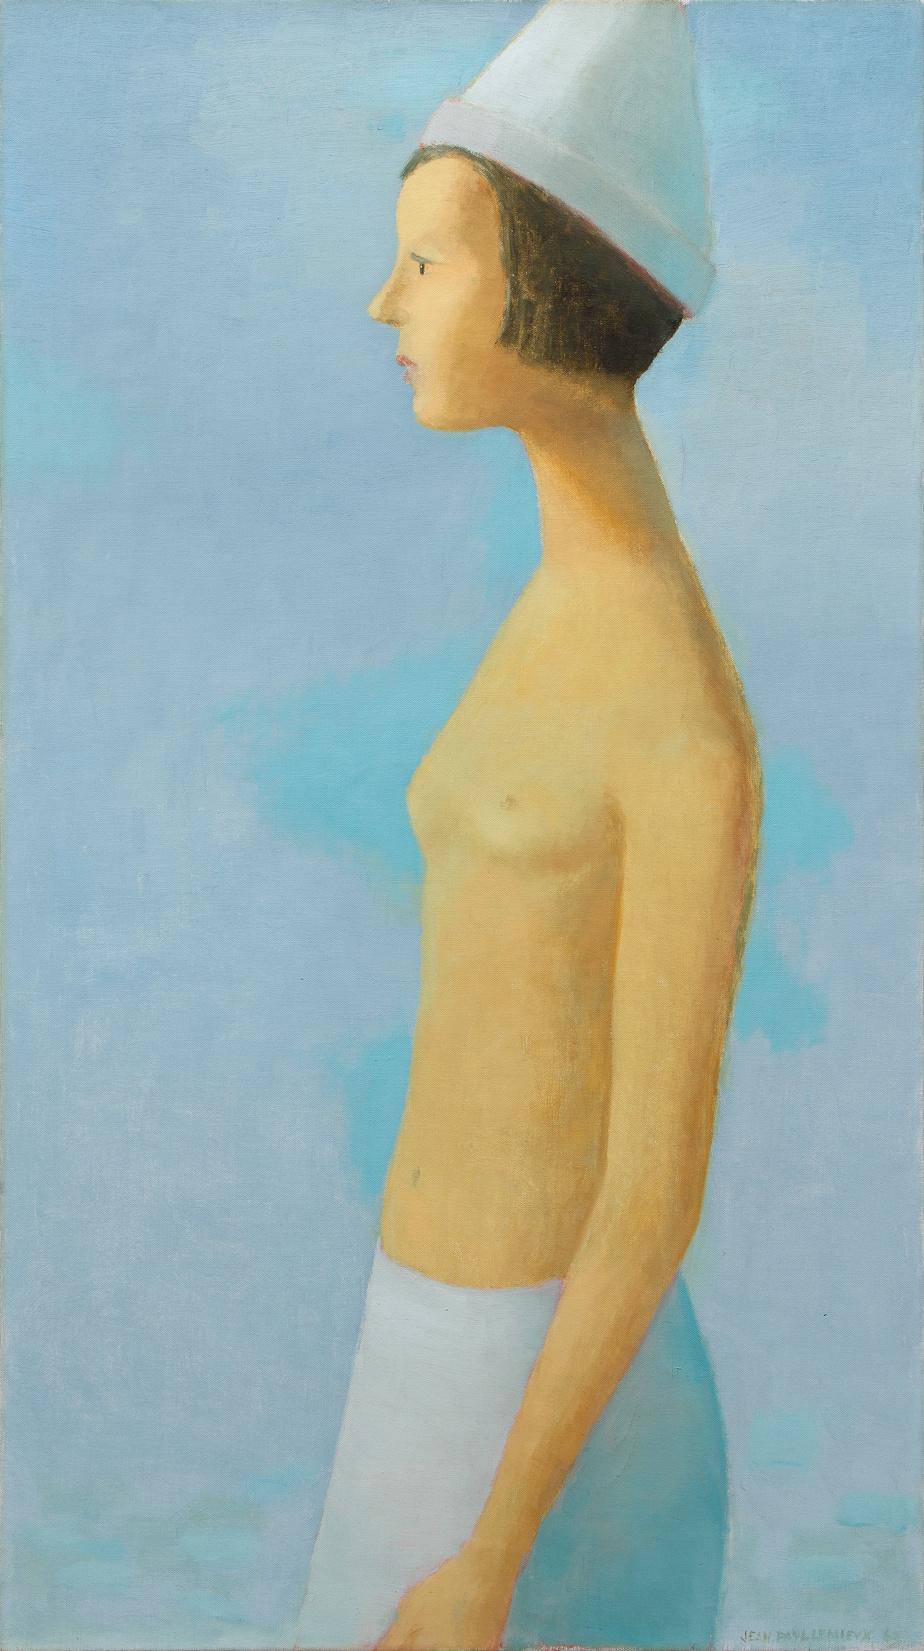 Nu sur fond bleu, 1963, Jean Paul Lemieux (1904-1990), huile sur toile, 109,2cm x 61cm. Estimation: entre 325000$ et 425000$.